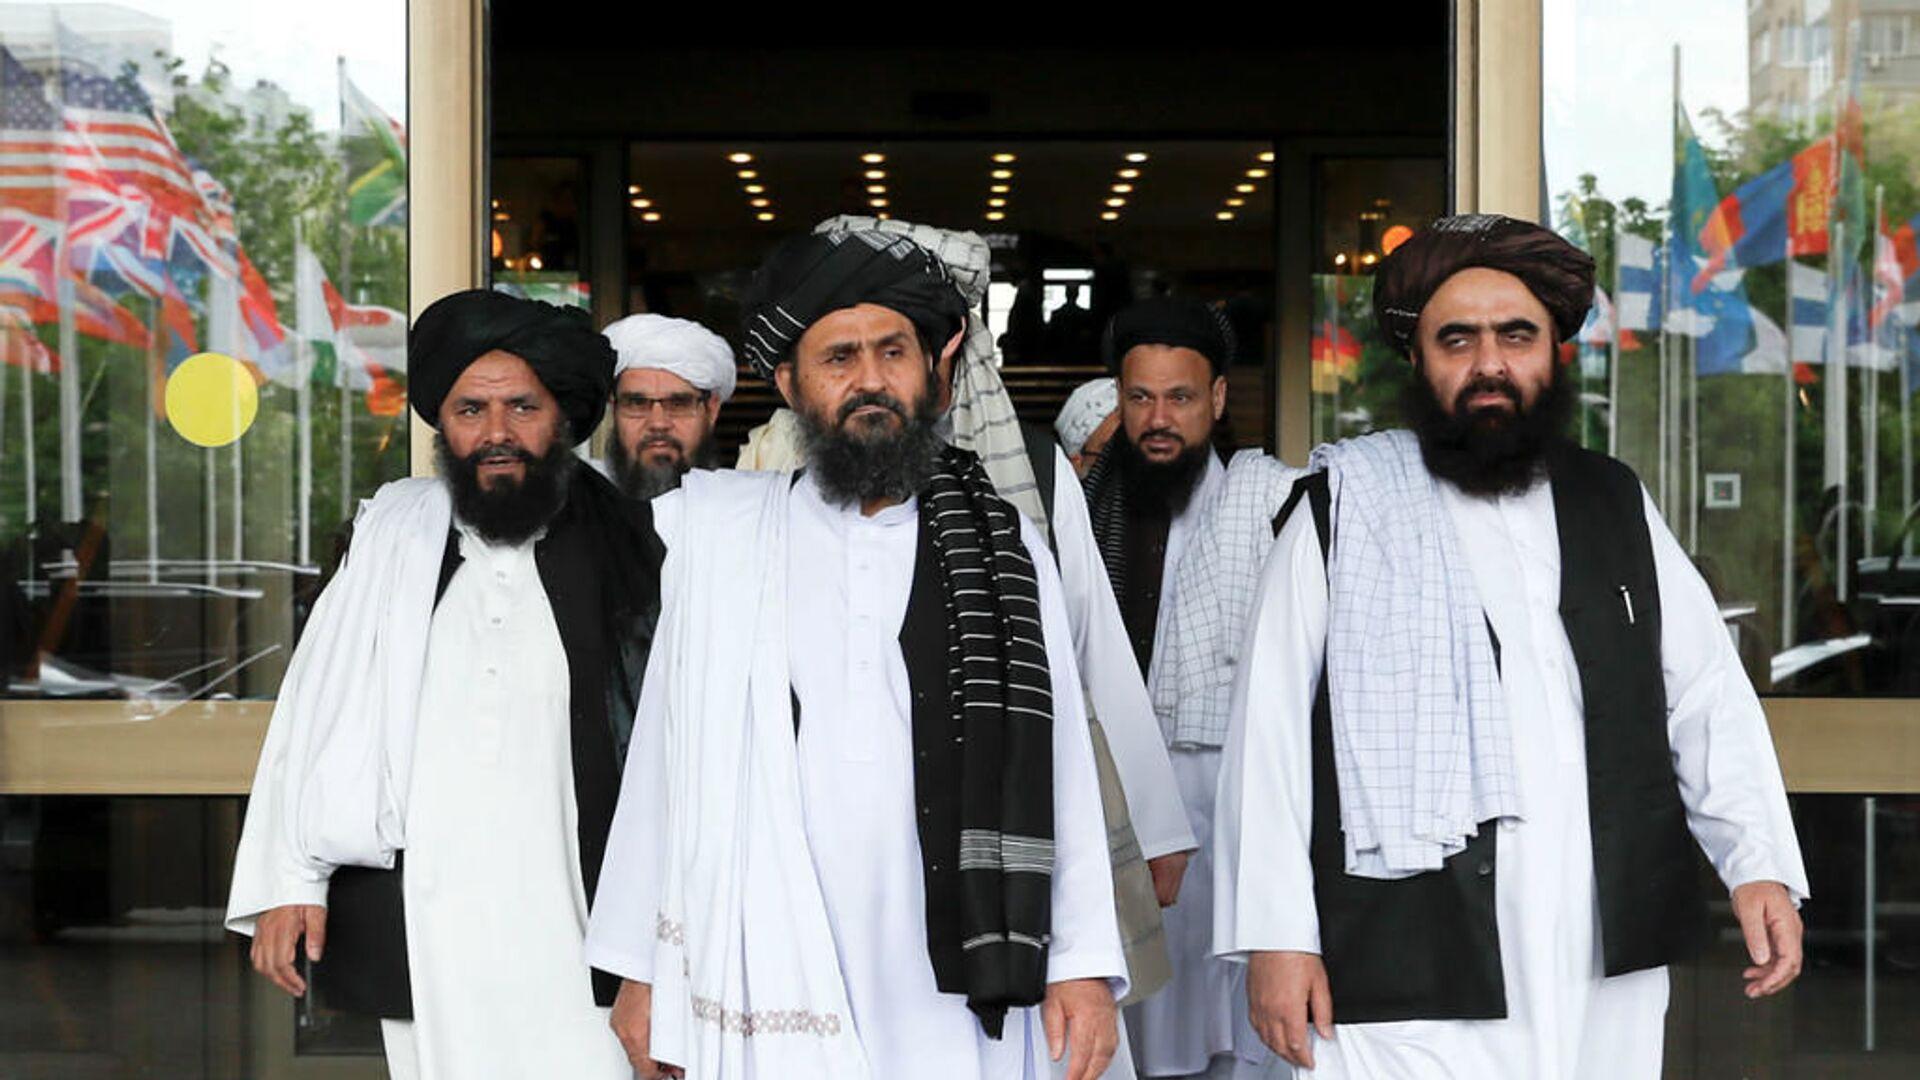 Taliban'ın Katar'daki siyasi ofisinin şefi Molla Birader Ahund ve Taliban müzakere heyeti - Sputnik Türkiye, 1920, 26.09.2021